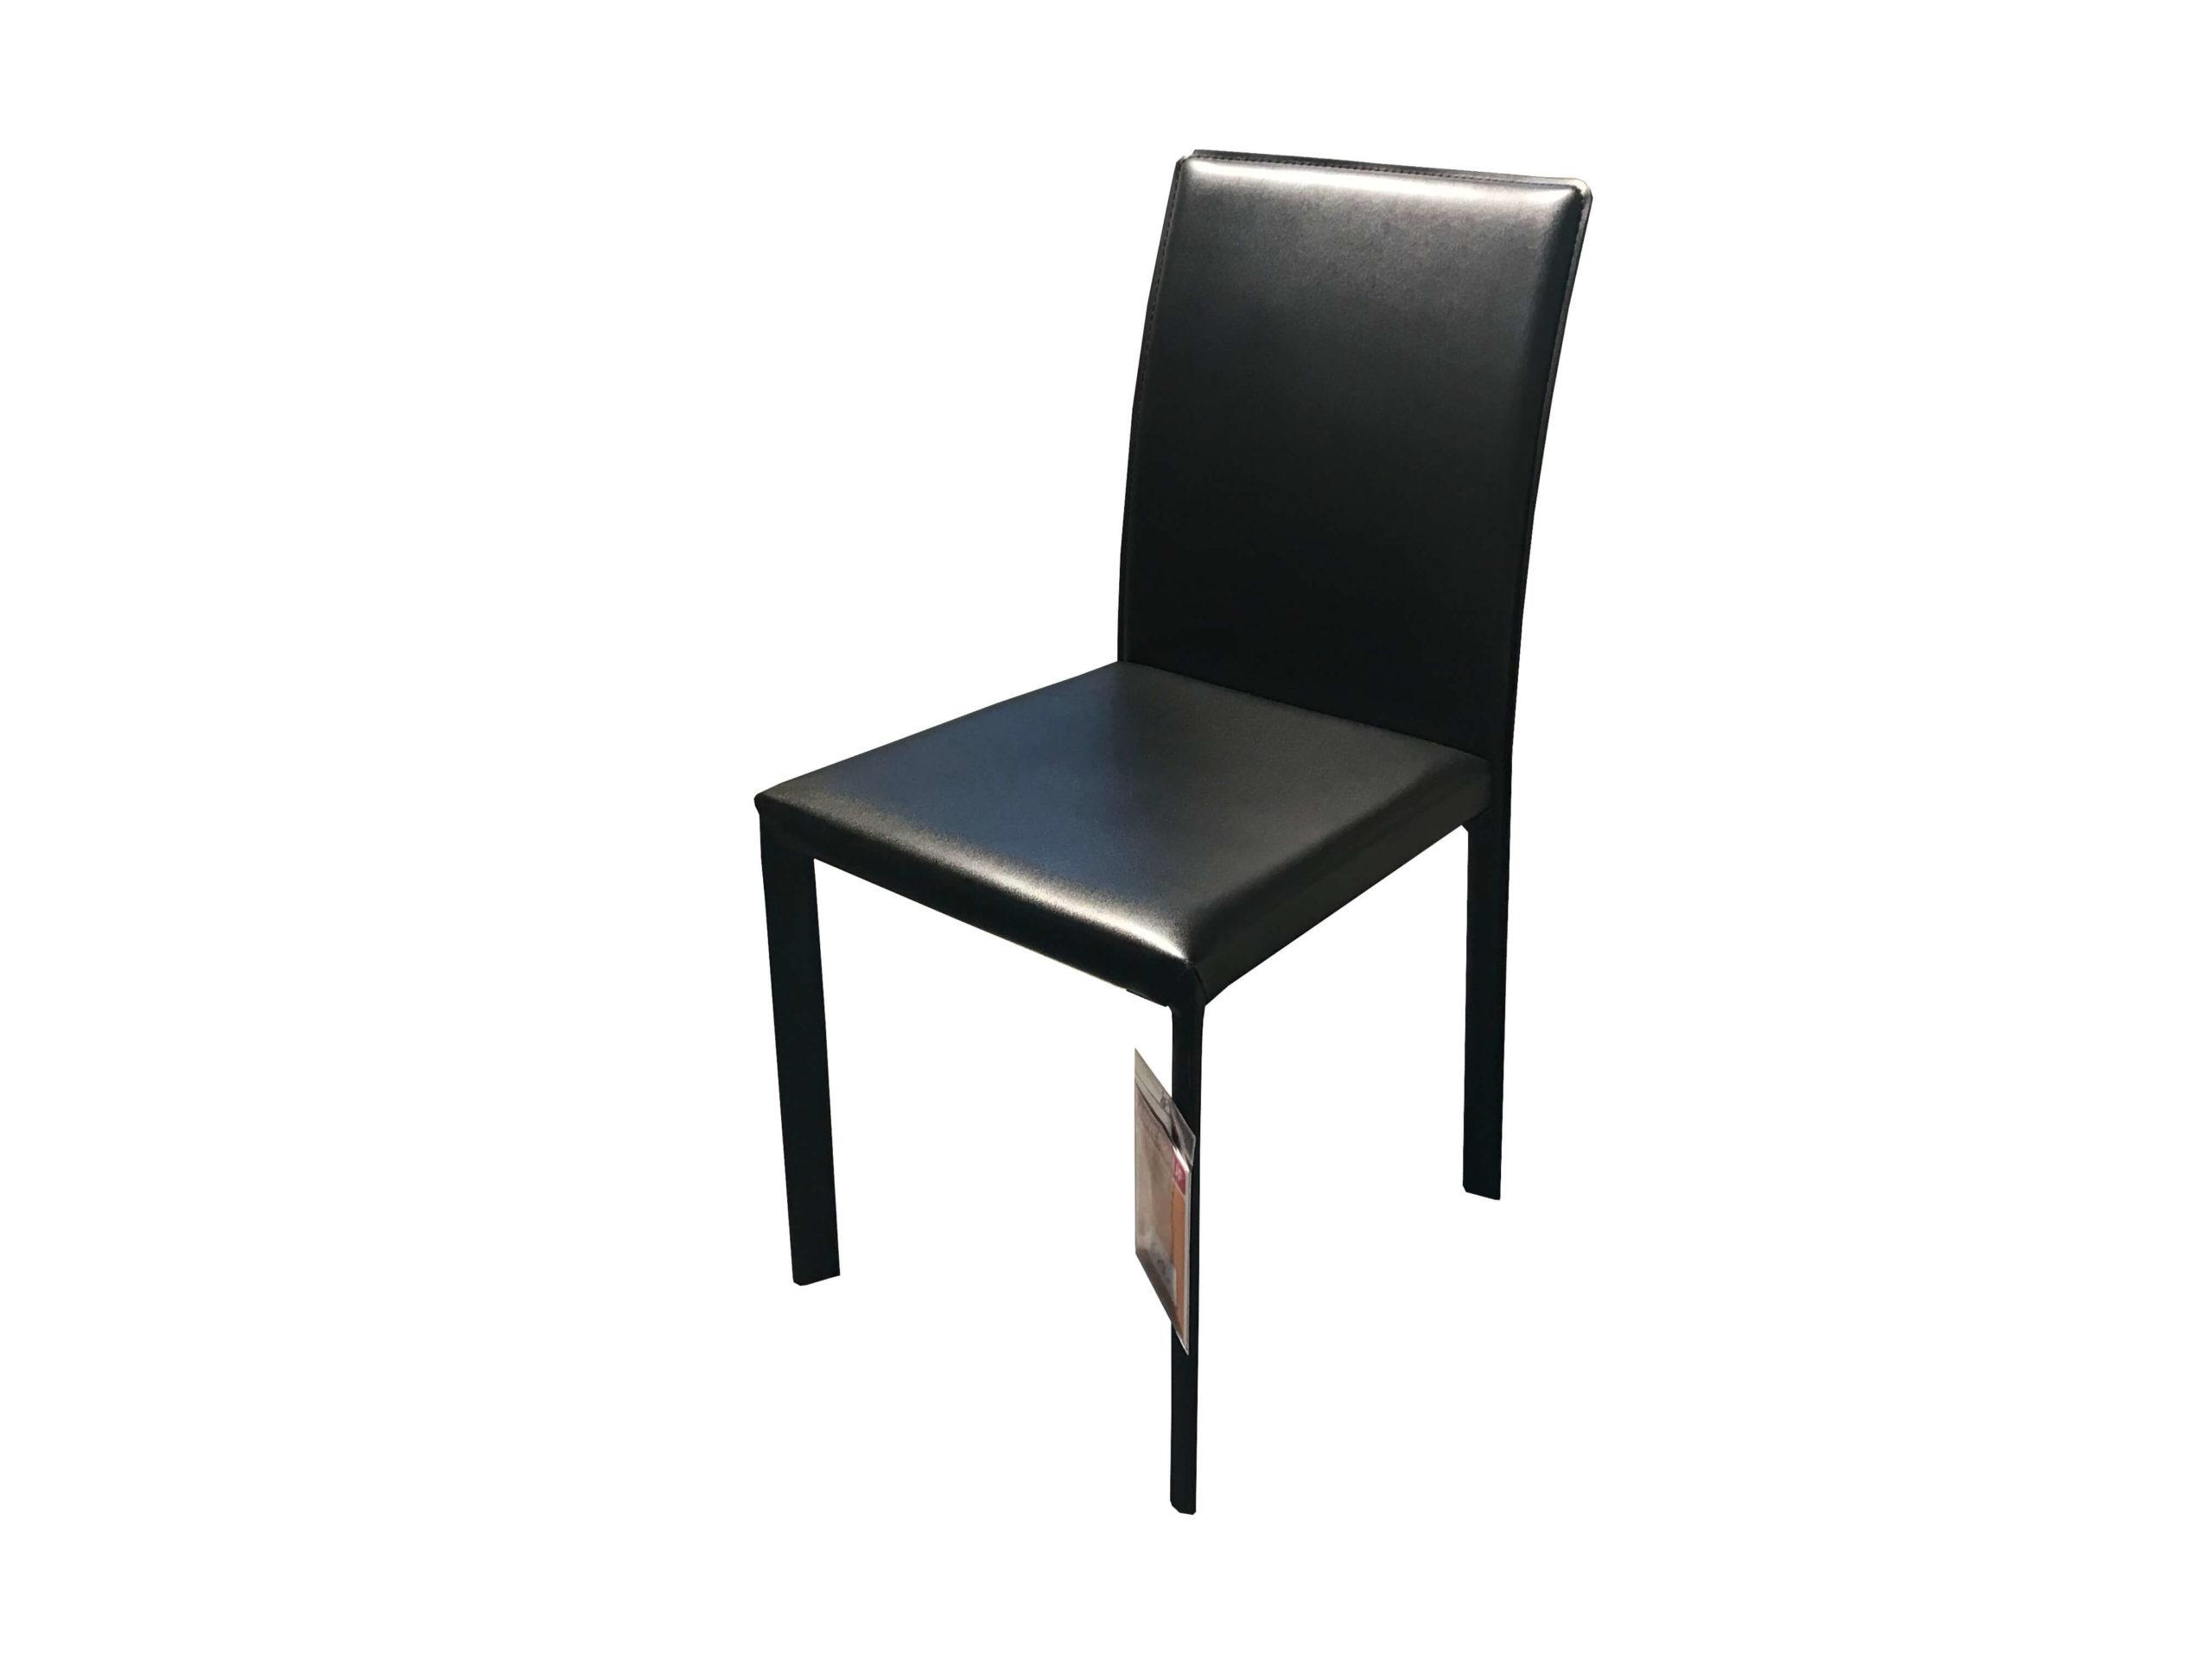 Design Stuhl von Global in schwarzem Leder - Abverkauf zum Schnäppchenpreis